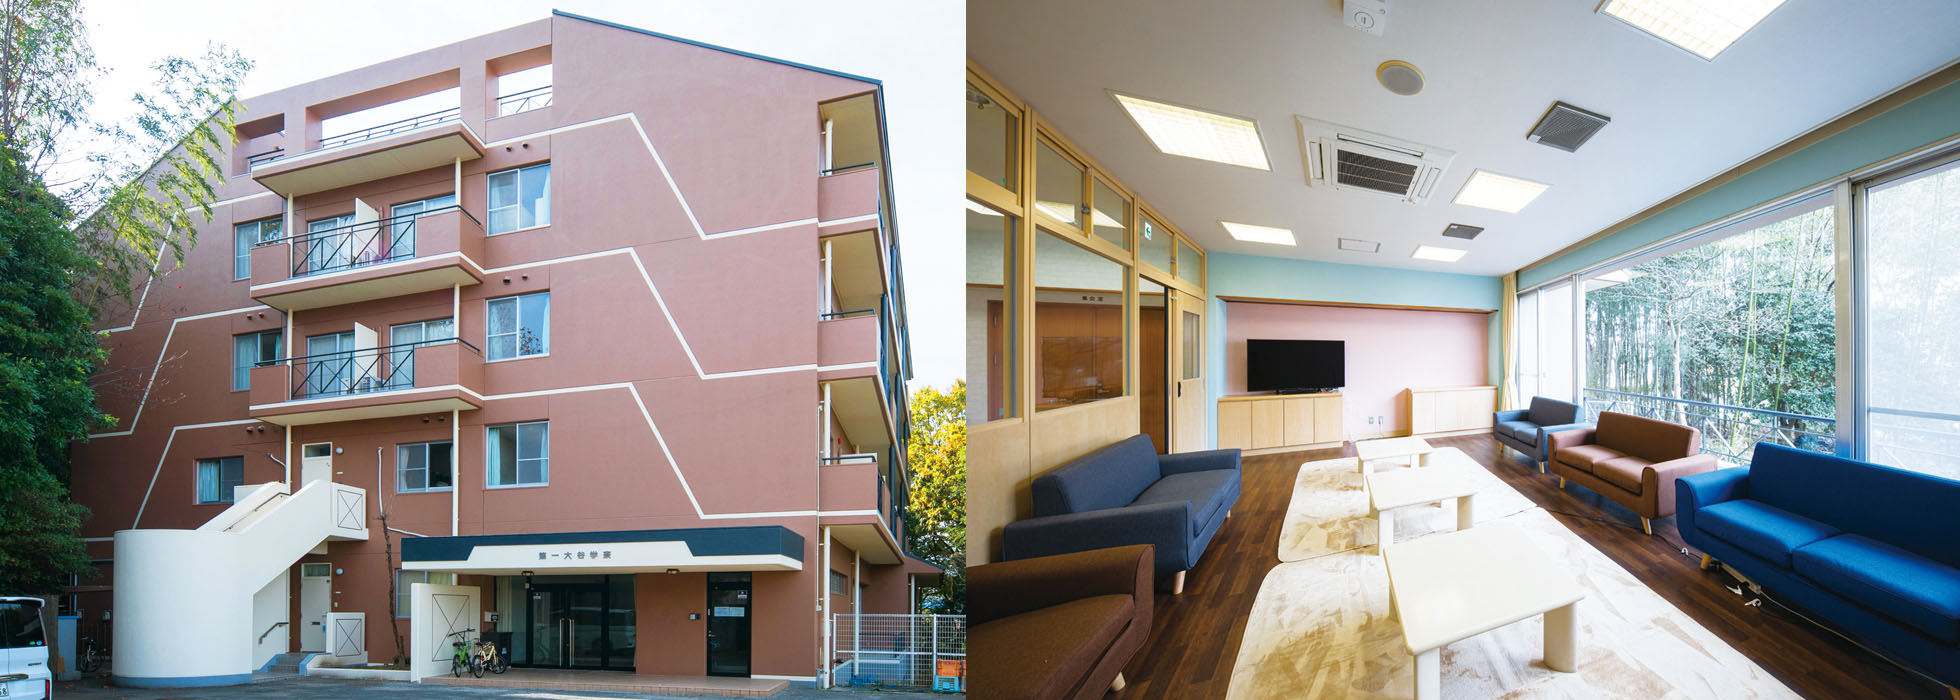 開学50周年事業 大谷学寮がリニューアルしました